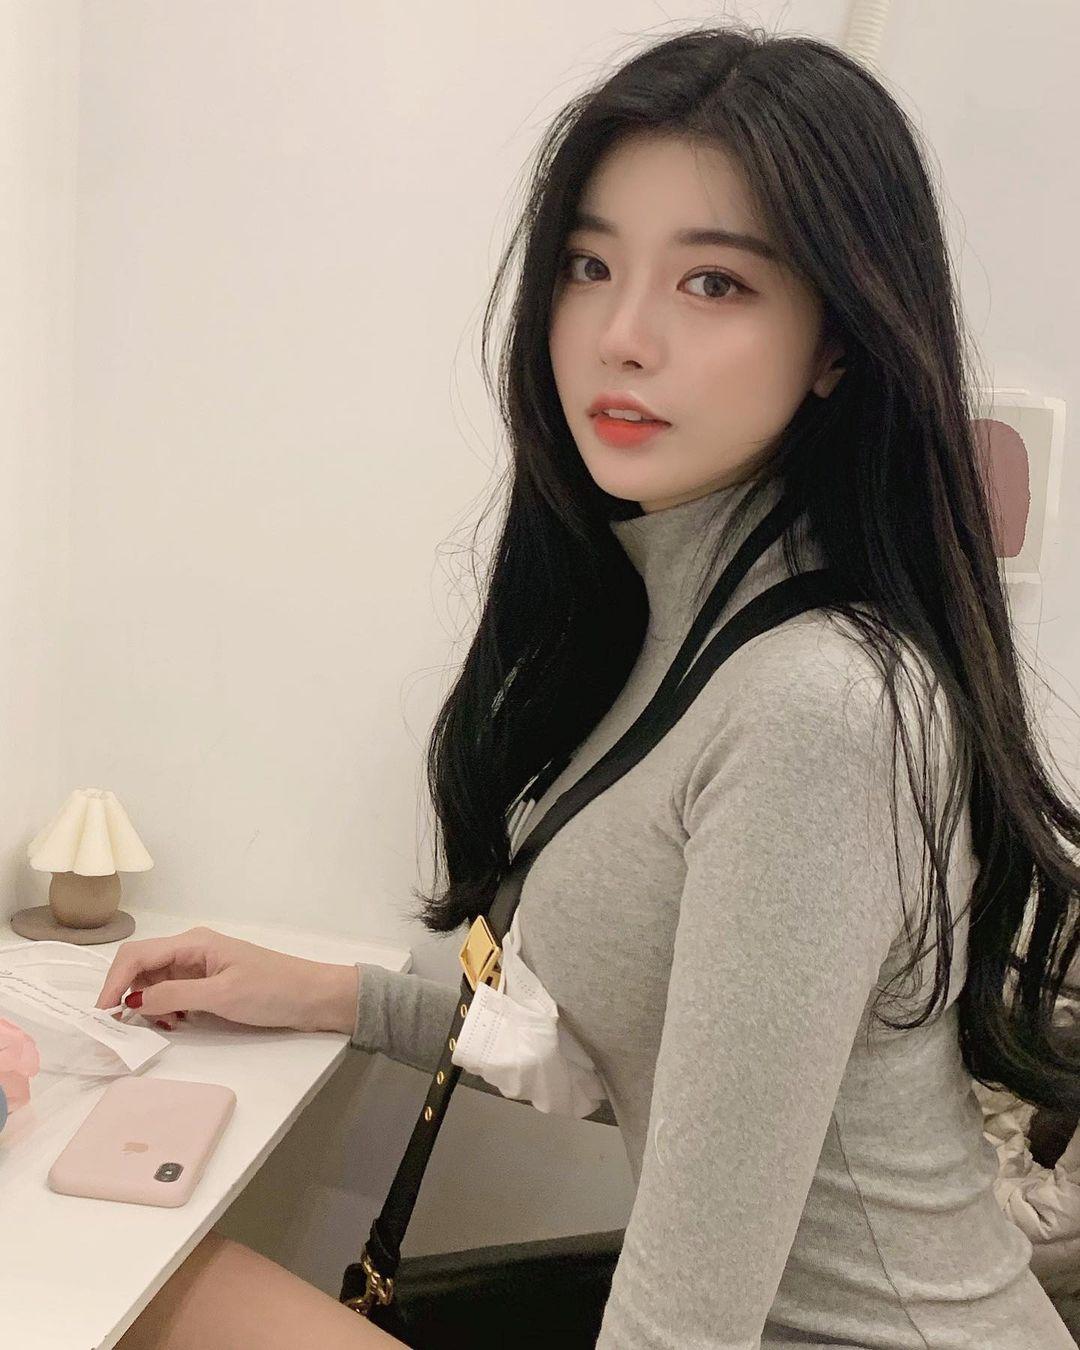 Dưỡng da theo khung giờ như gái Hàn: Tuyệt mật bí kíp skincare mà không phải ai cũng biết - Ảnh 3.